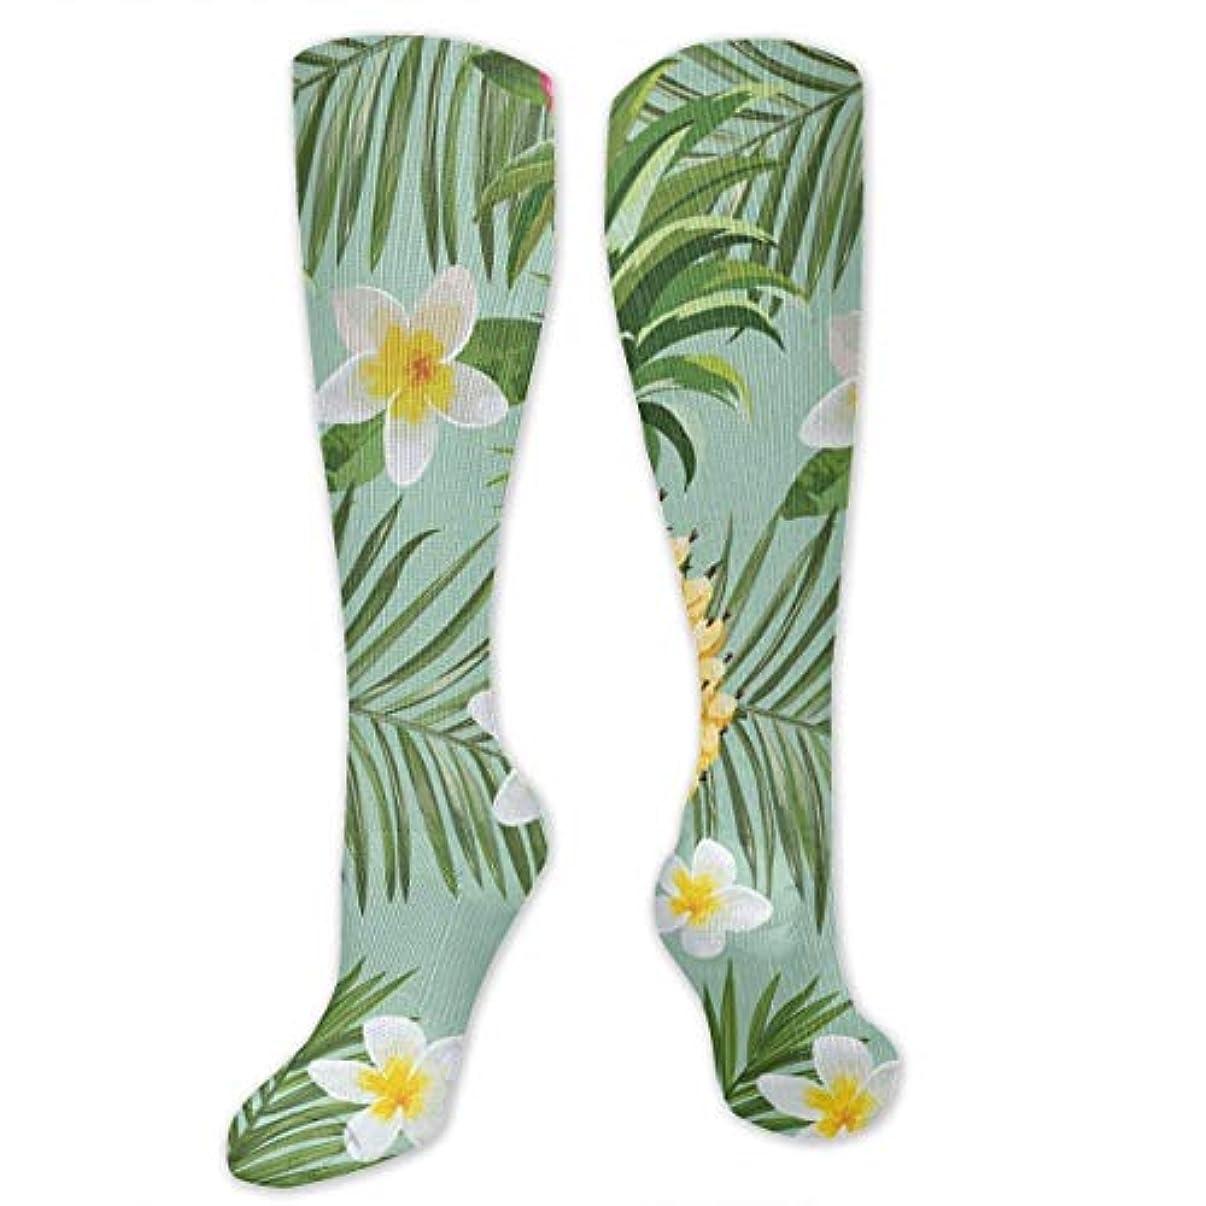 お手入れ解明する酔う靴下,ストッキング,野生のジョーカー,実際,秋の本質,冬必須,サマーウェア&RBXAA Hawaiian Pineapple Socks Women's Winter Cotton Long Tube Socks Knee...